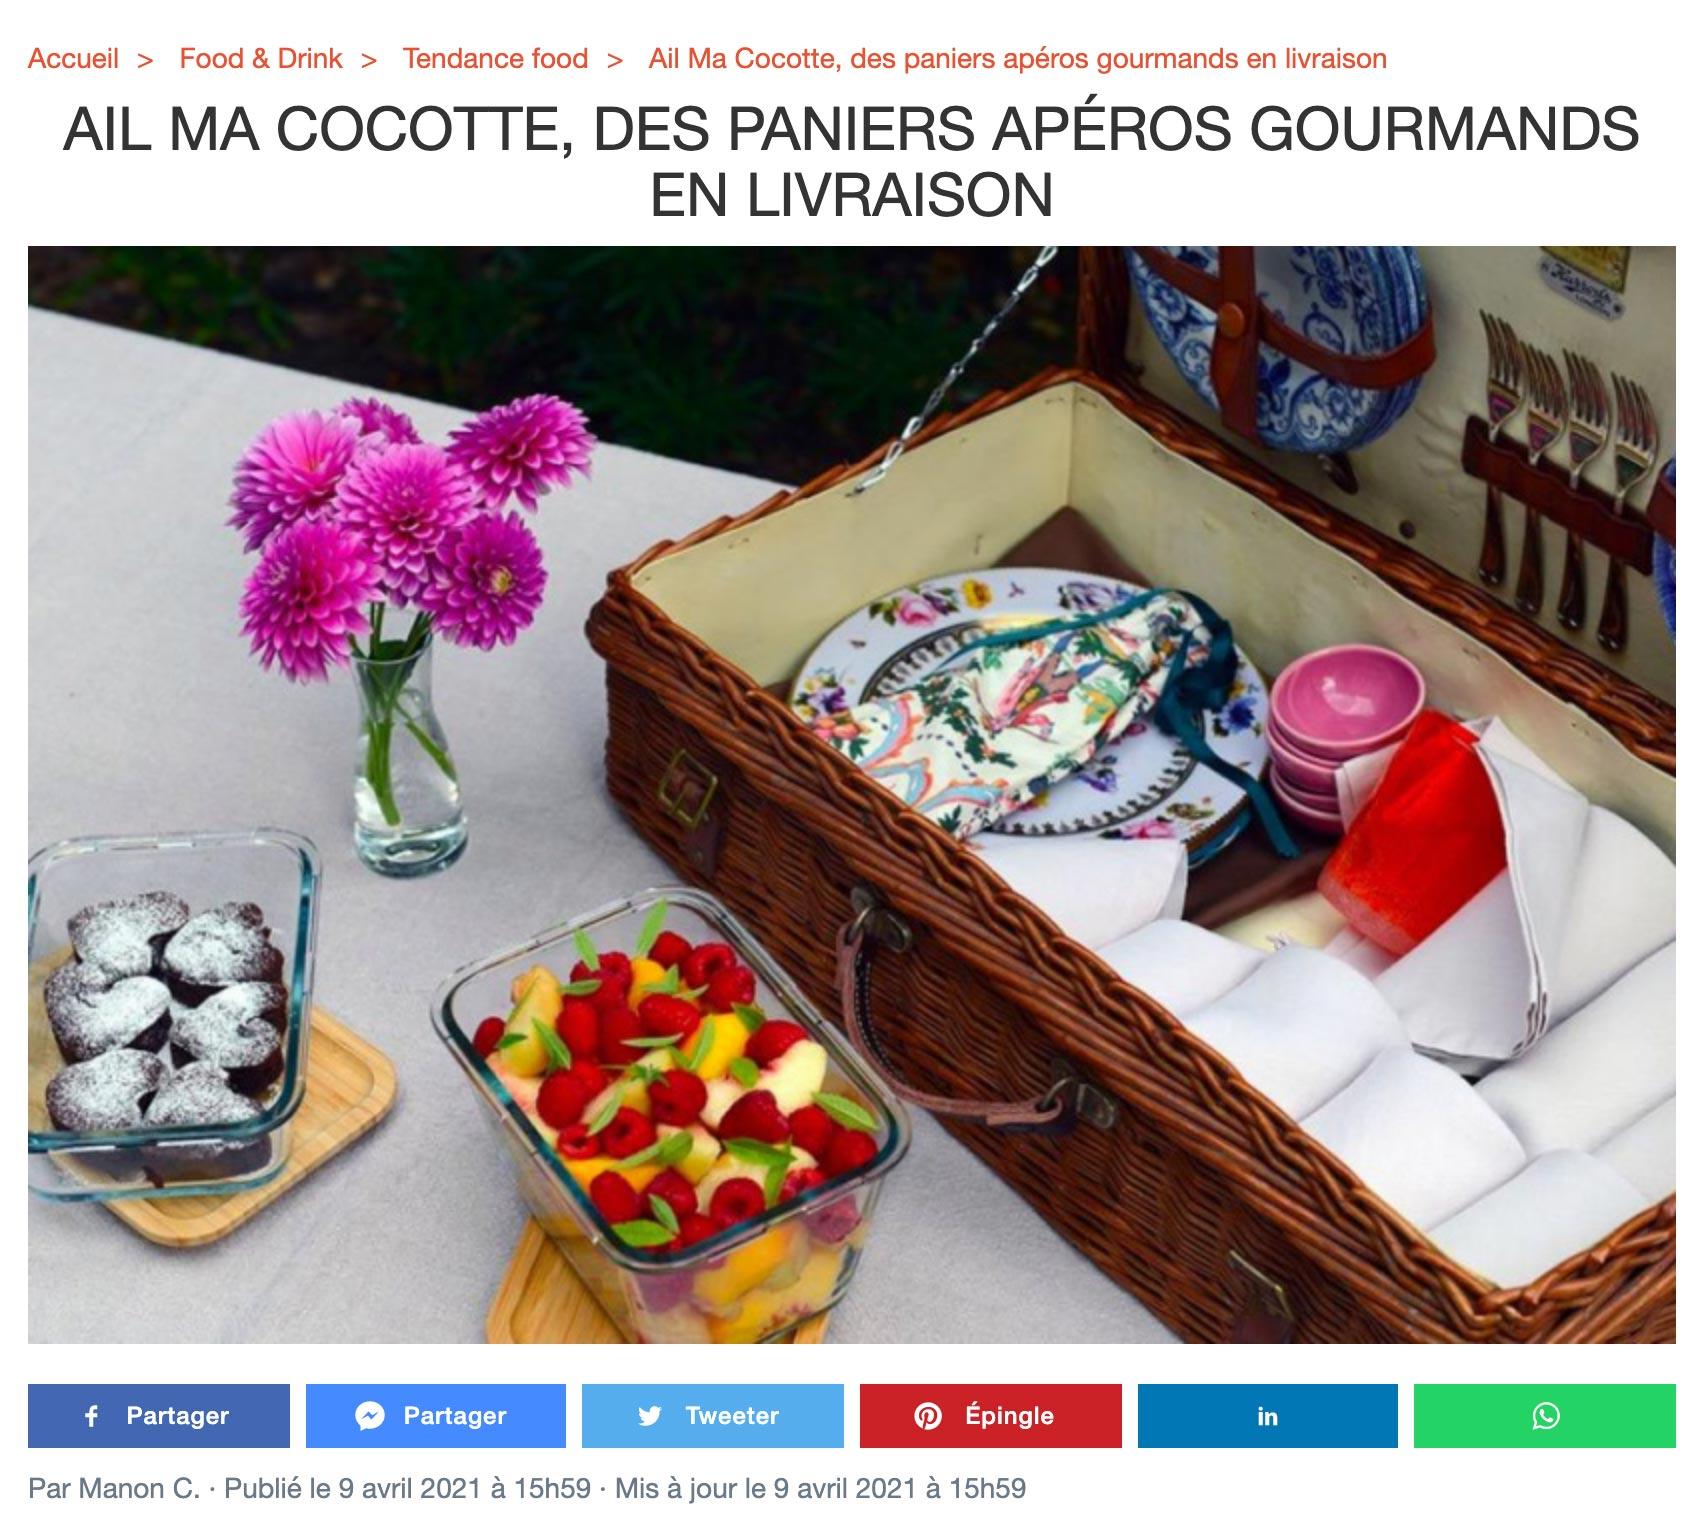 Sortir à Paris avril 21, ailmacocotte.com